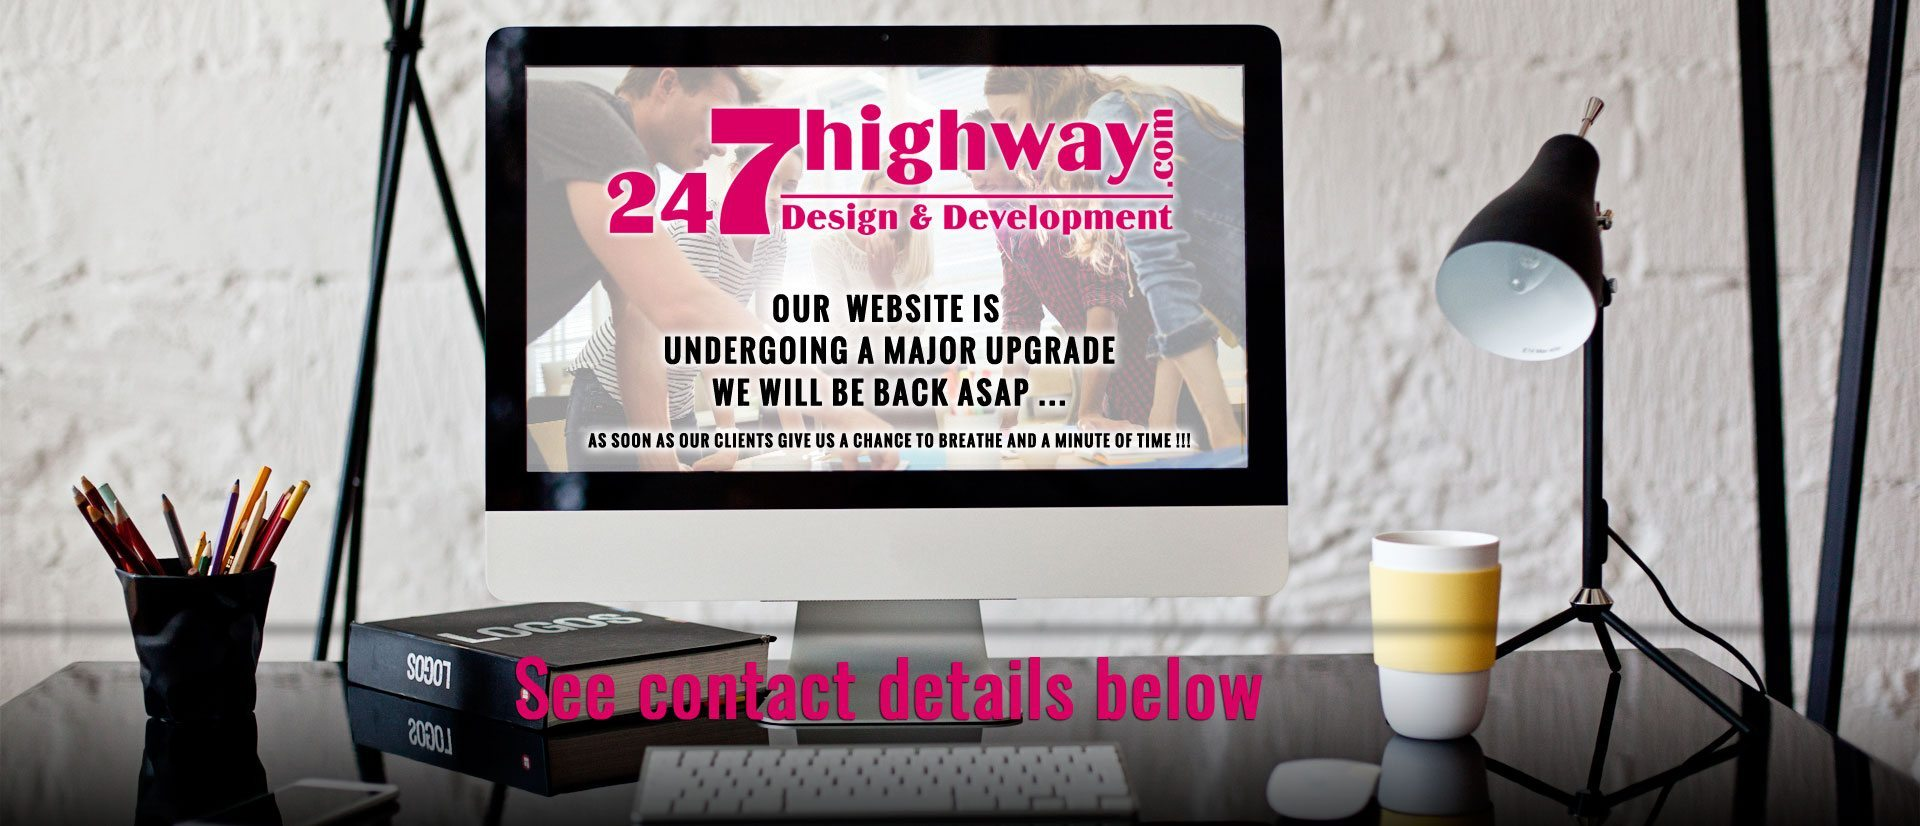 247highway